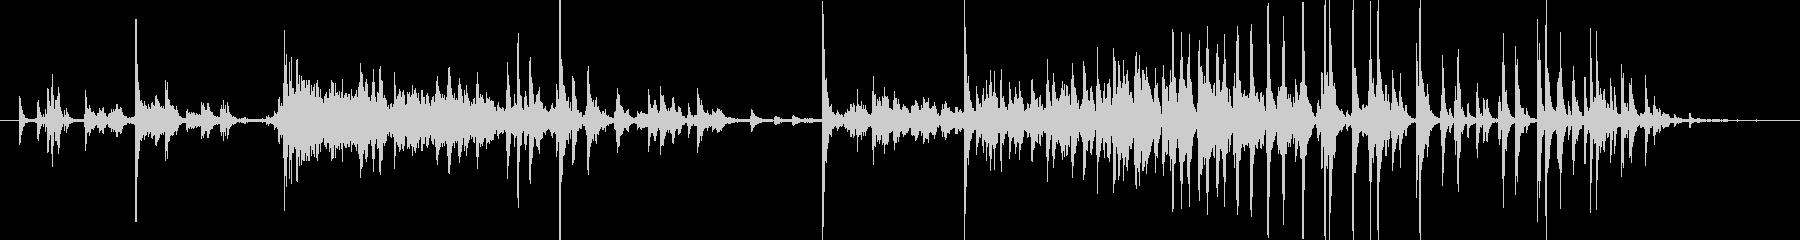 メタル クリークストレスミディアム03の未再生の波形